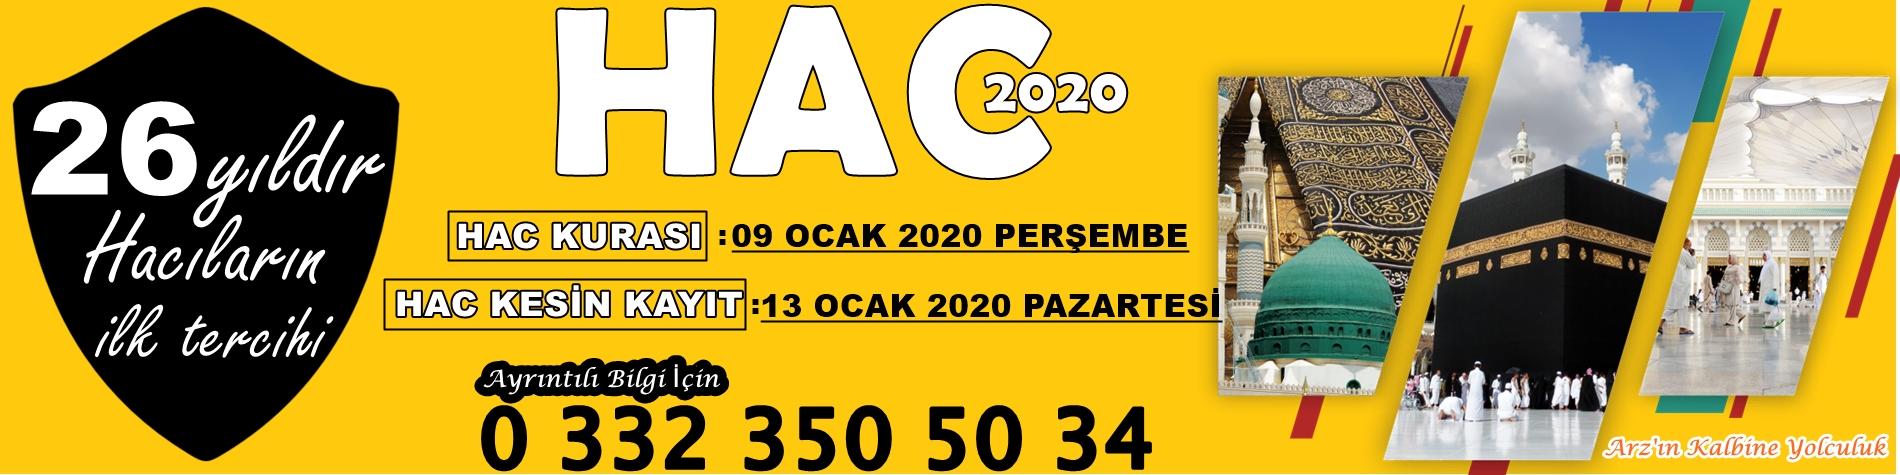 hac 2020